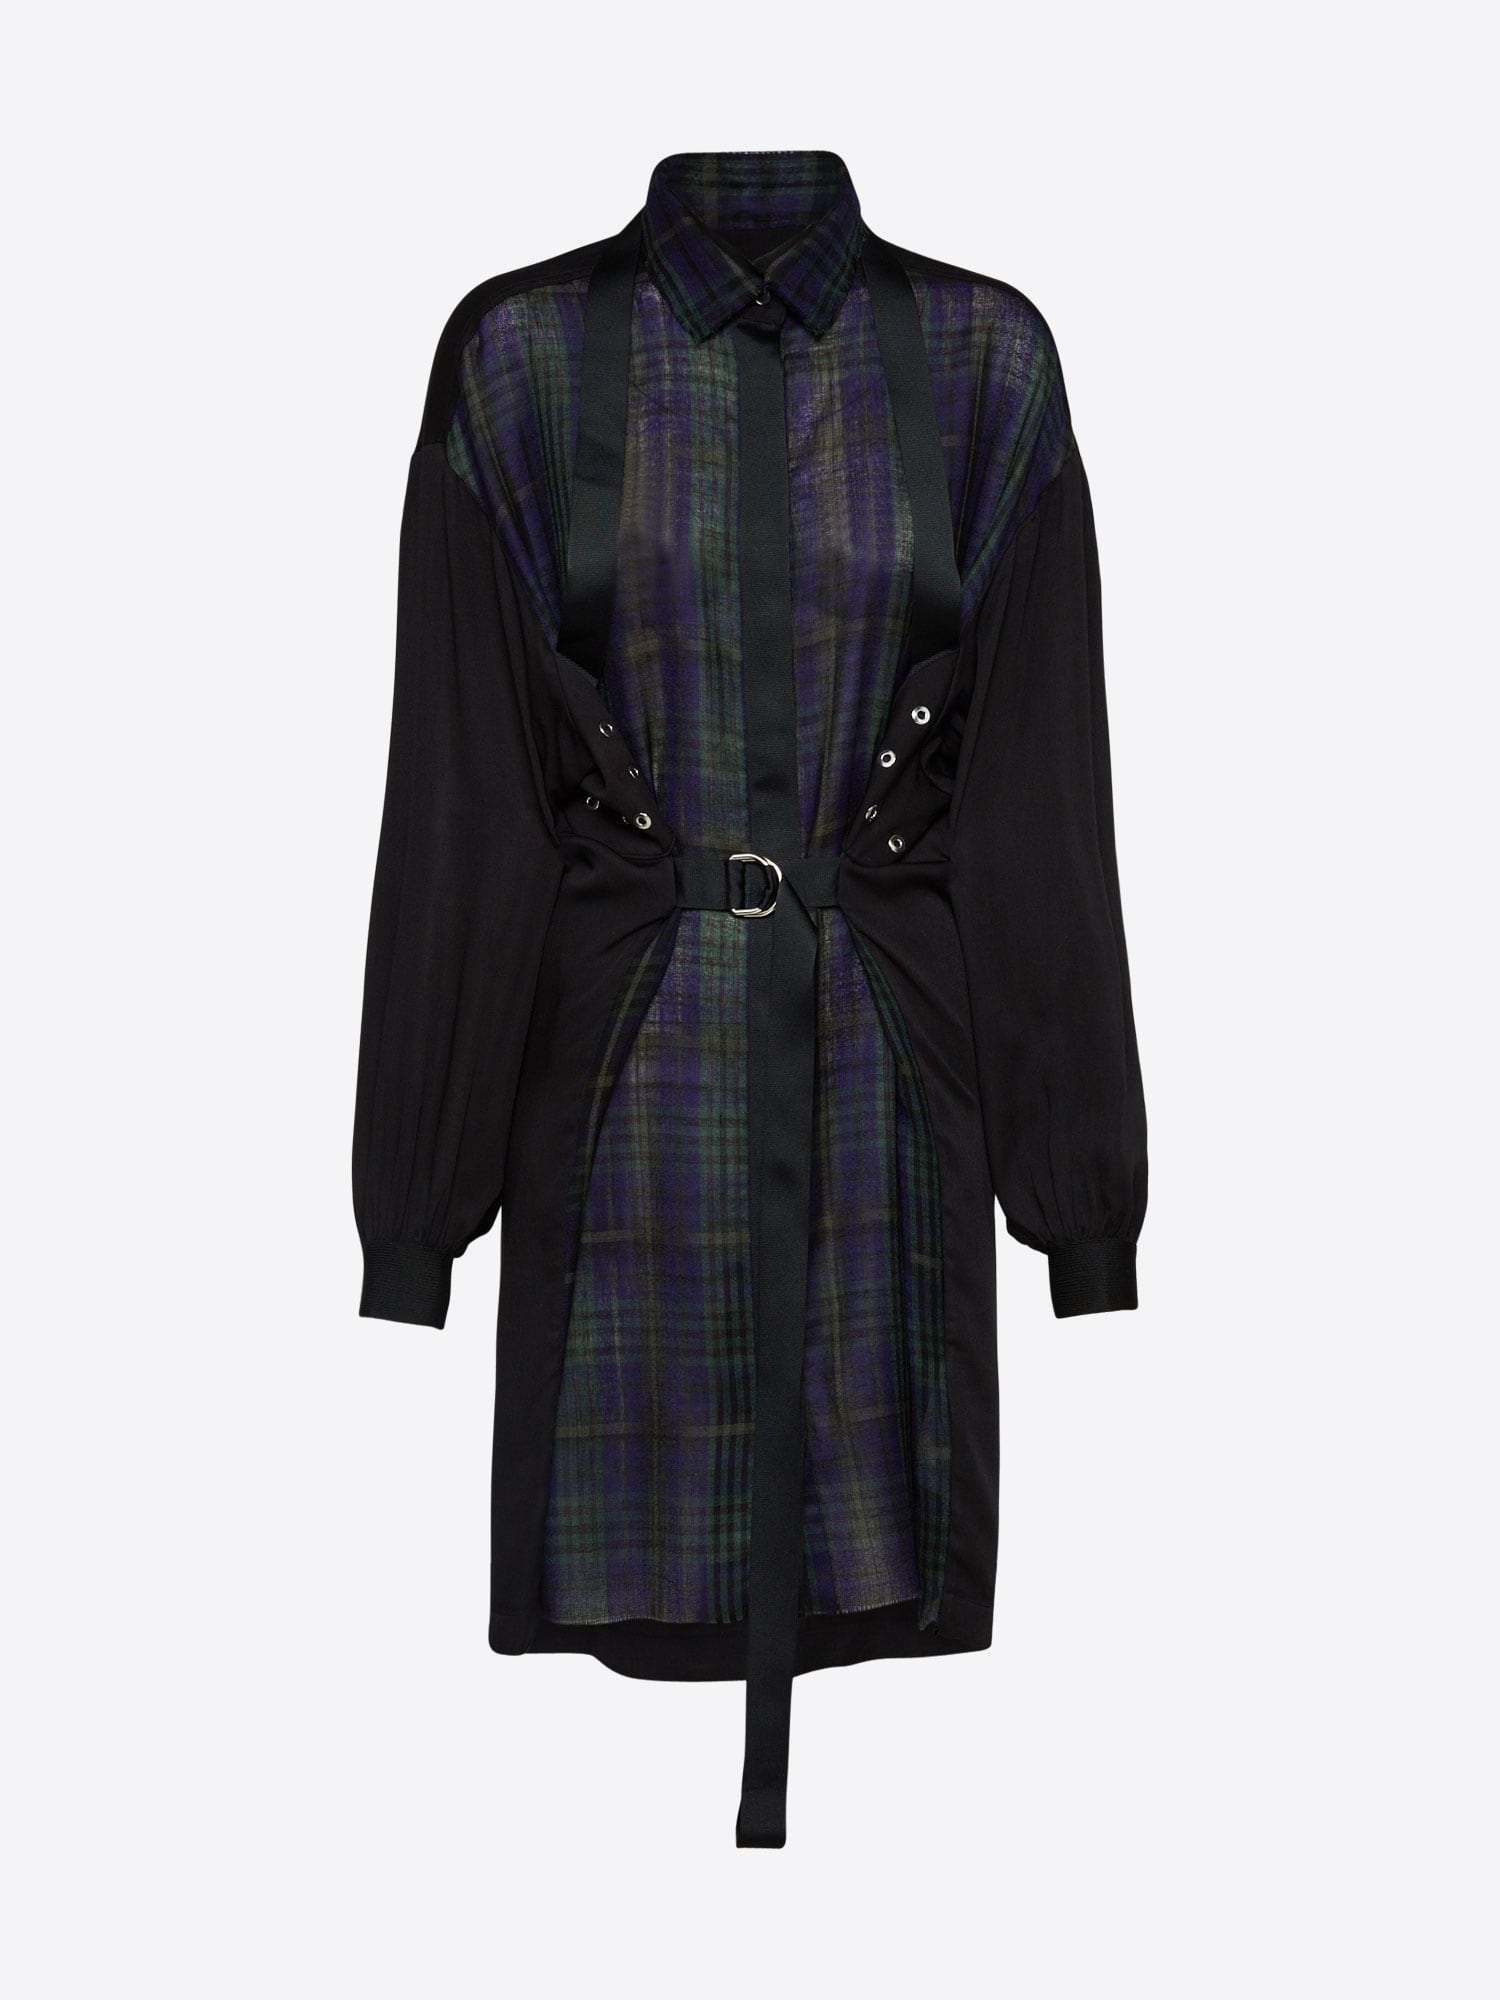 DIESEL Kleid schwarz - Schwarzes Kleid